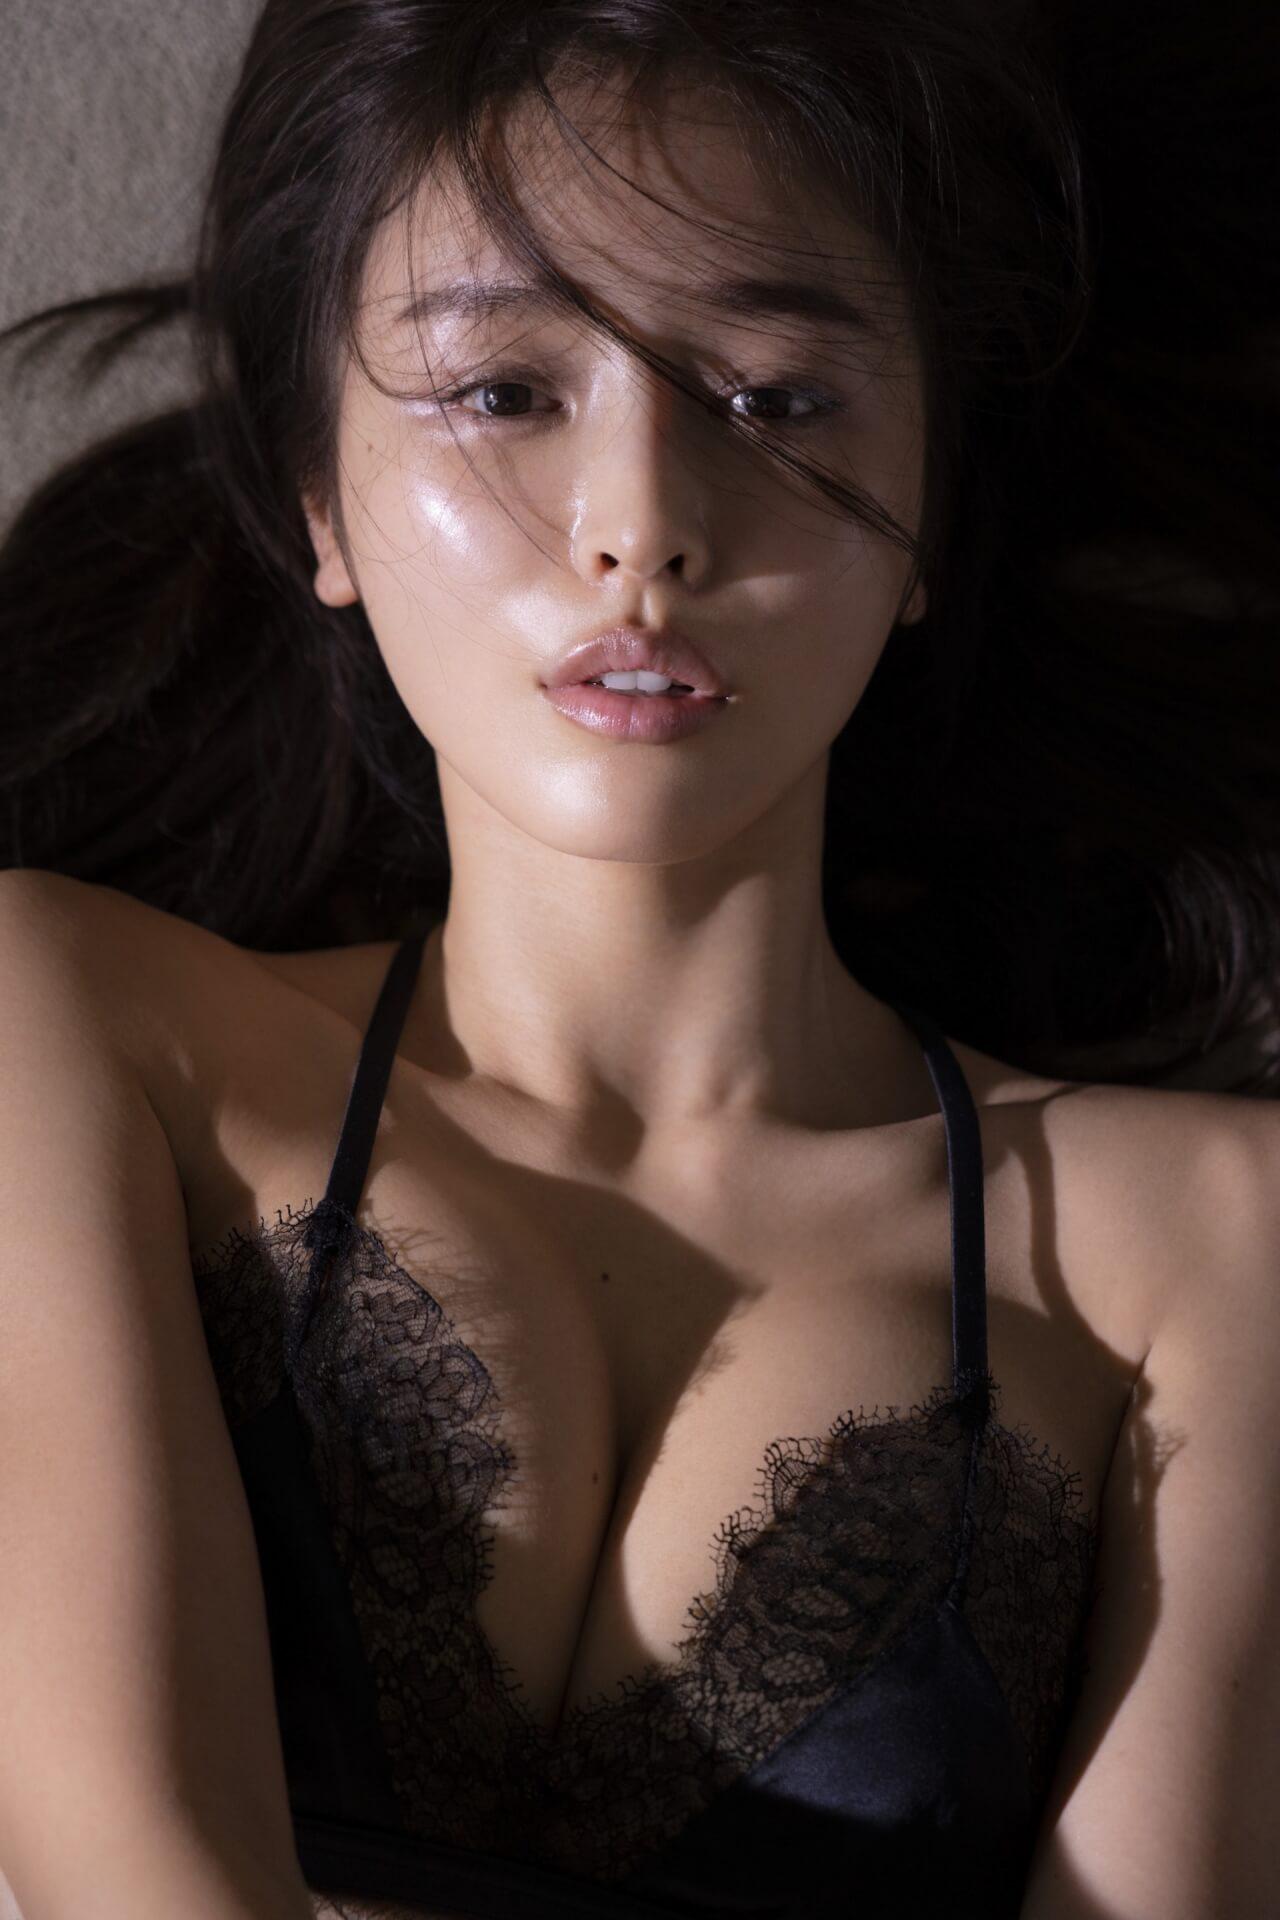 大胆下乳ショットも解禁した加治ひとみのフォトブック『かぢボディ。』が4週連続オリコン美容・ダイエットランキングでTOP10入り! art210112_kajihitomi_2